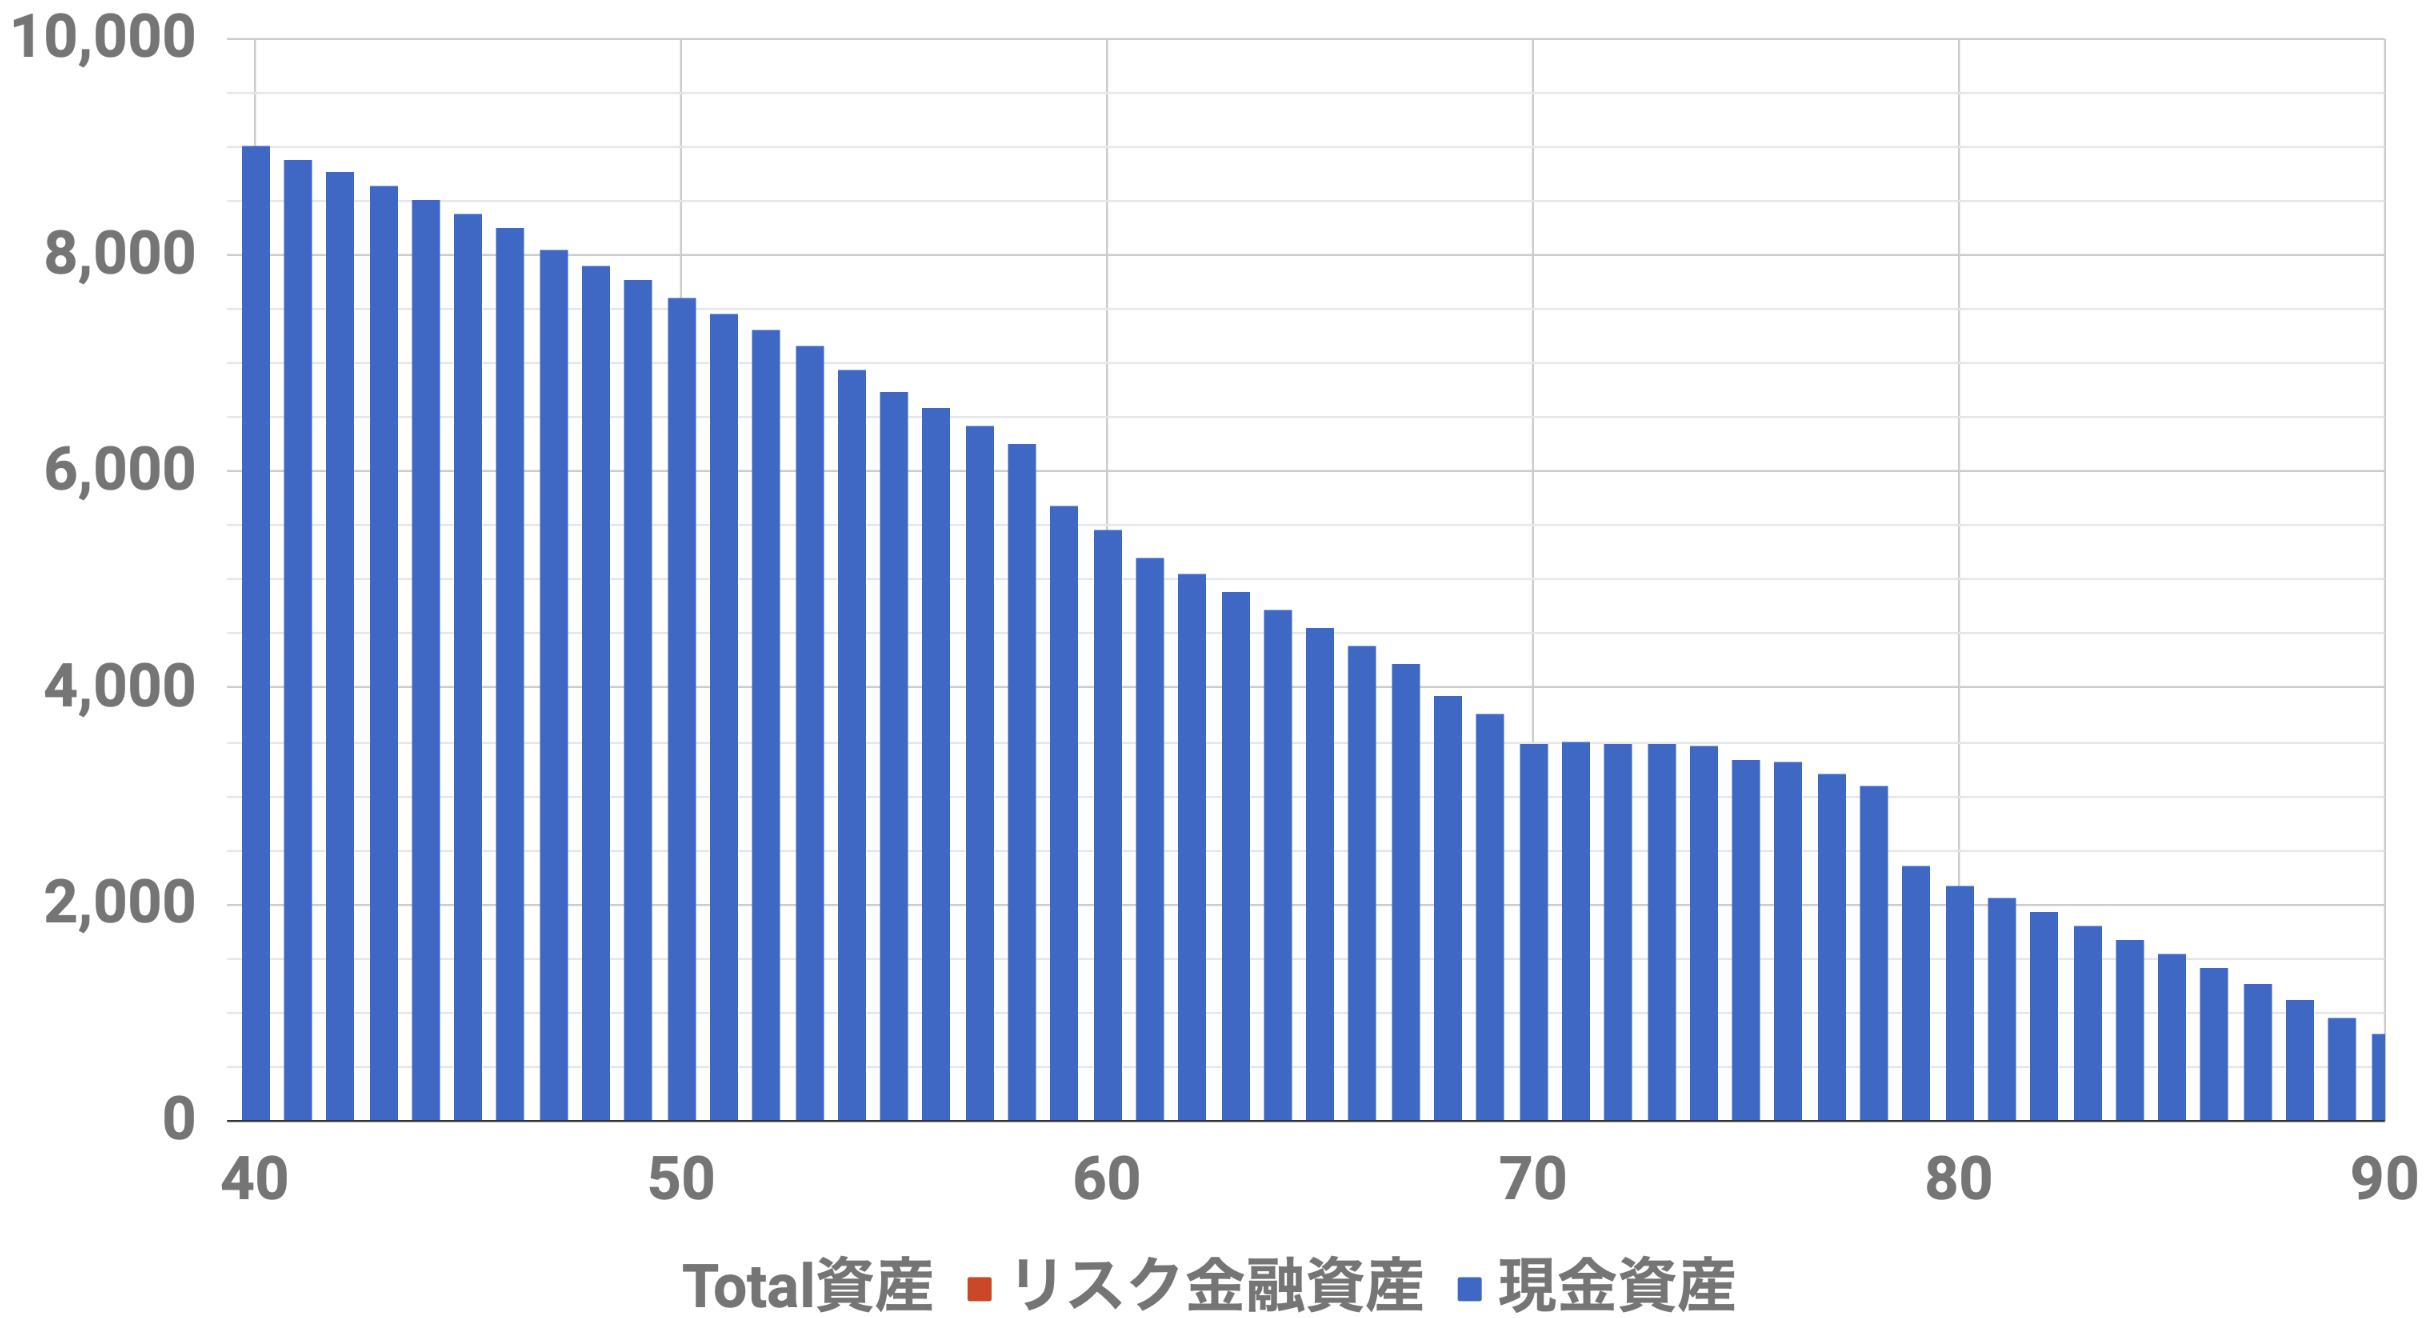 40歳9000万円資産シミュレーション(Level2)インフレ率0%,安全資産運用